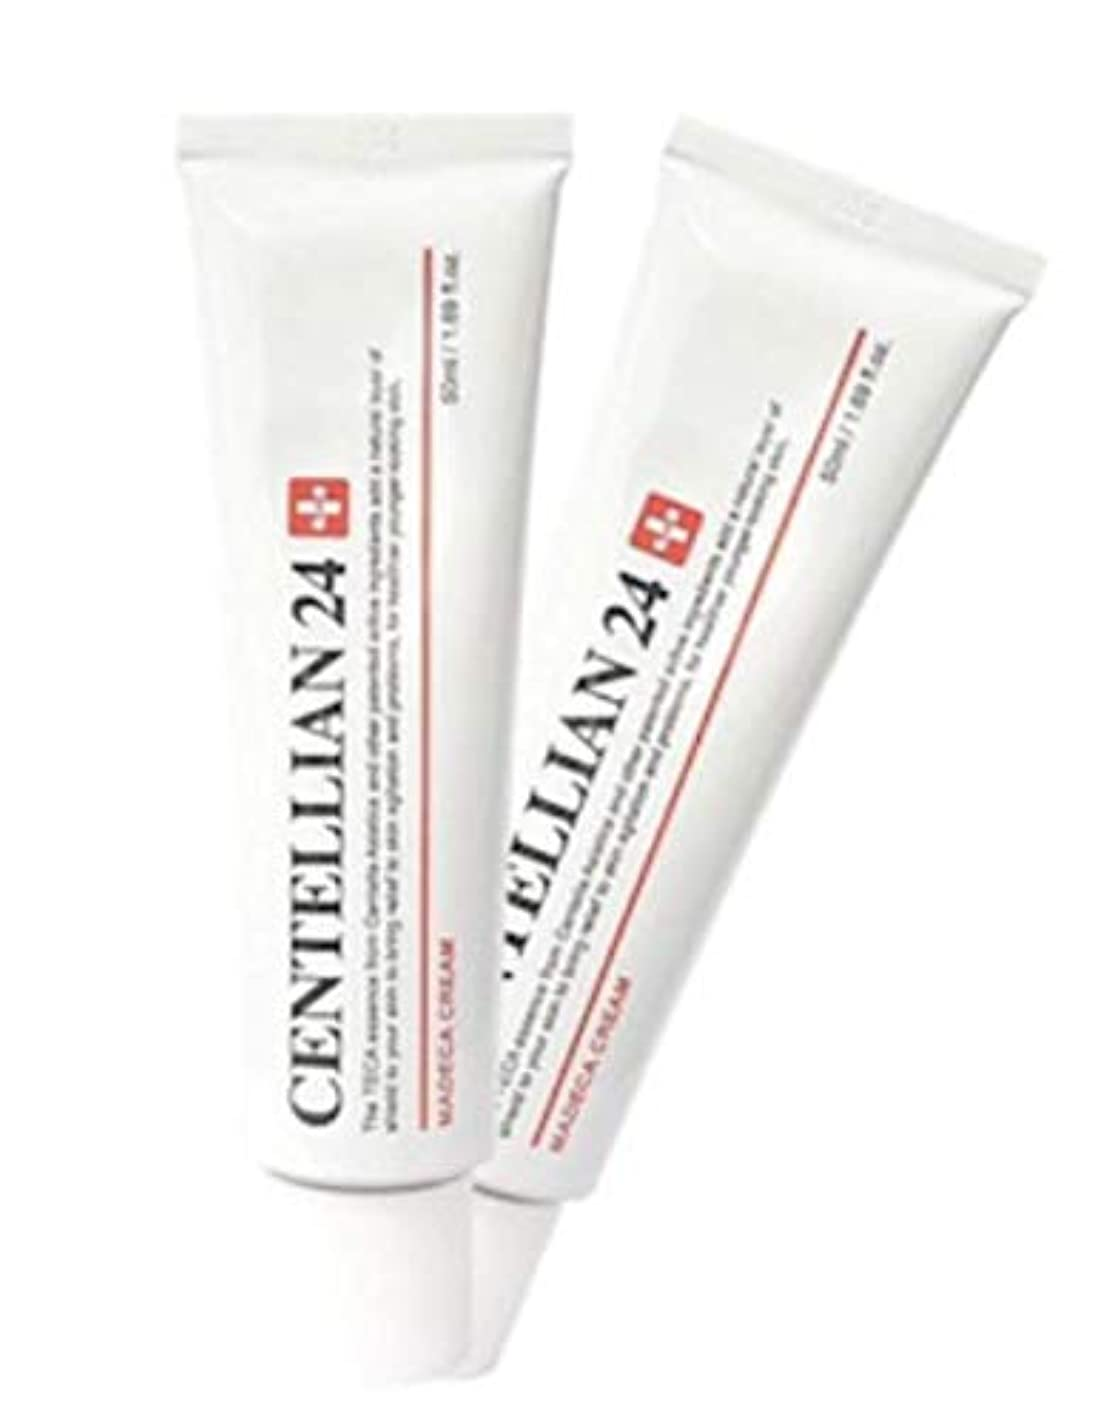 バリーだますオペラセンテルリアン24マデカクリム50ml x 2本セット肌の保湿損傷した肌のケア、Centellian24 Madeca Cream 50ml x 2ea Set Skin Moisturizing Damaged Skin...